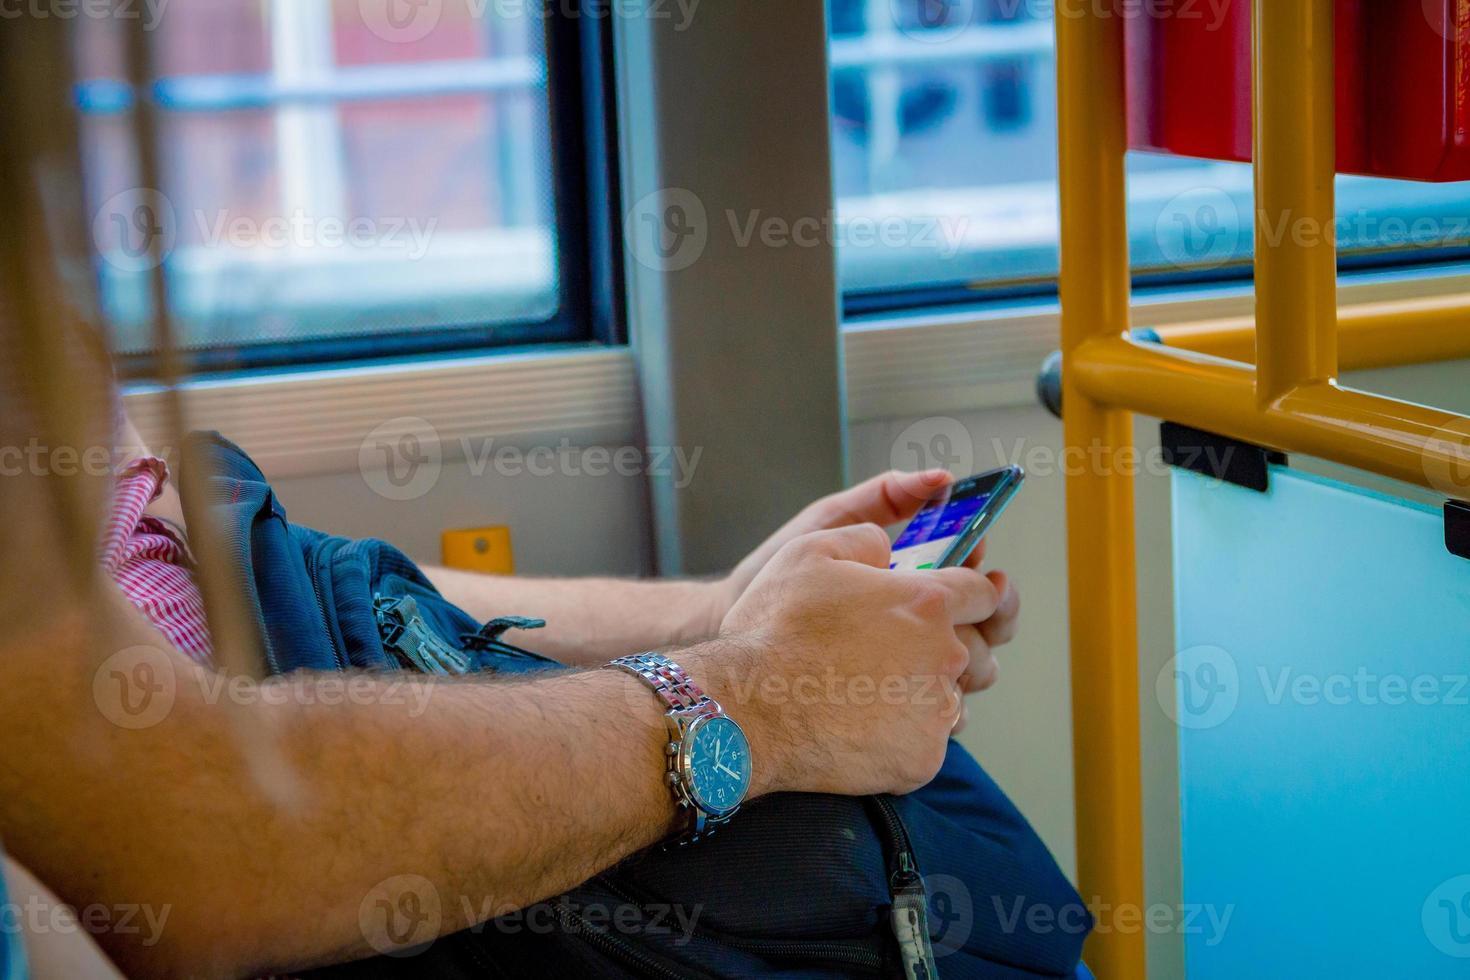 primo piano su un uomo che utilizza uno smartphone mentre viaggia in autobus a Varsavia, Polonia foto